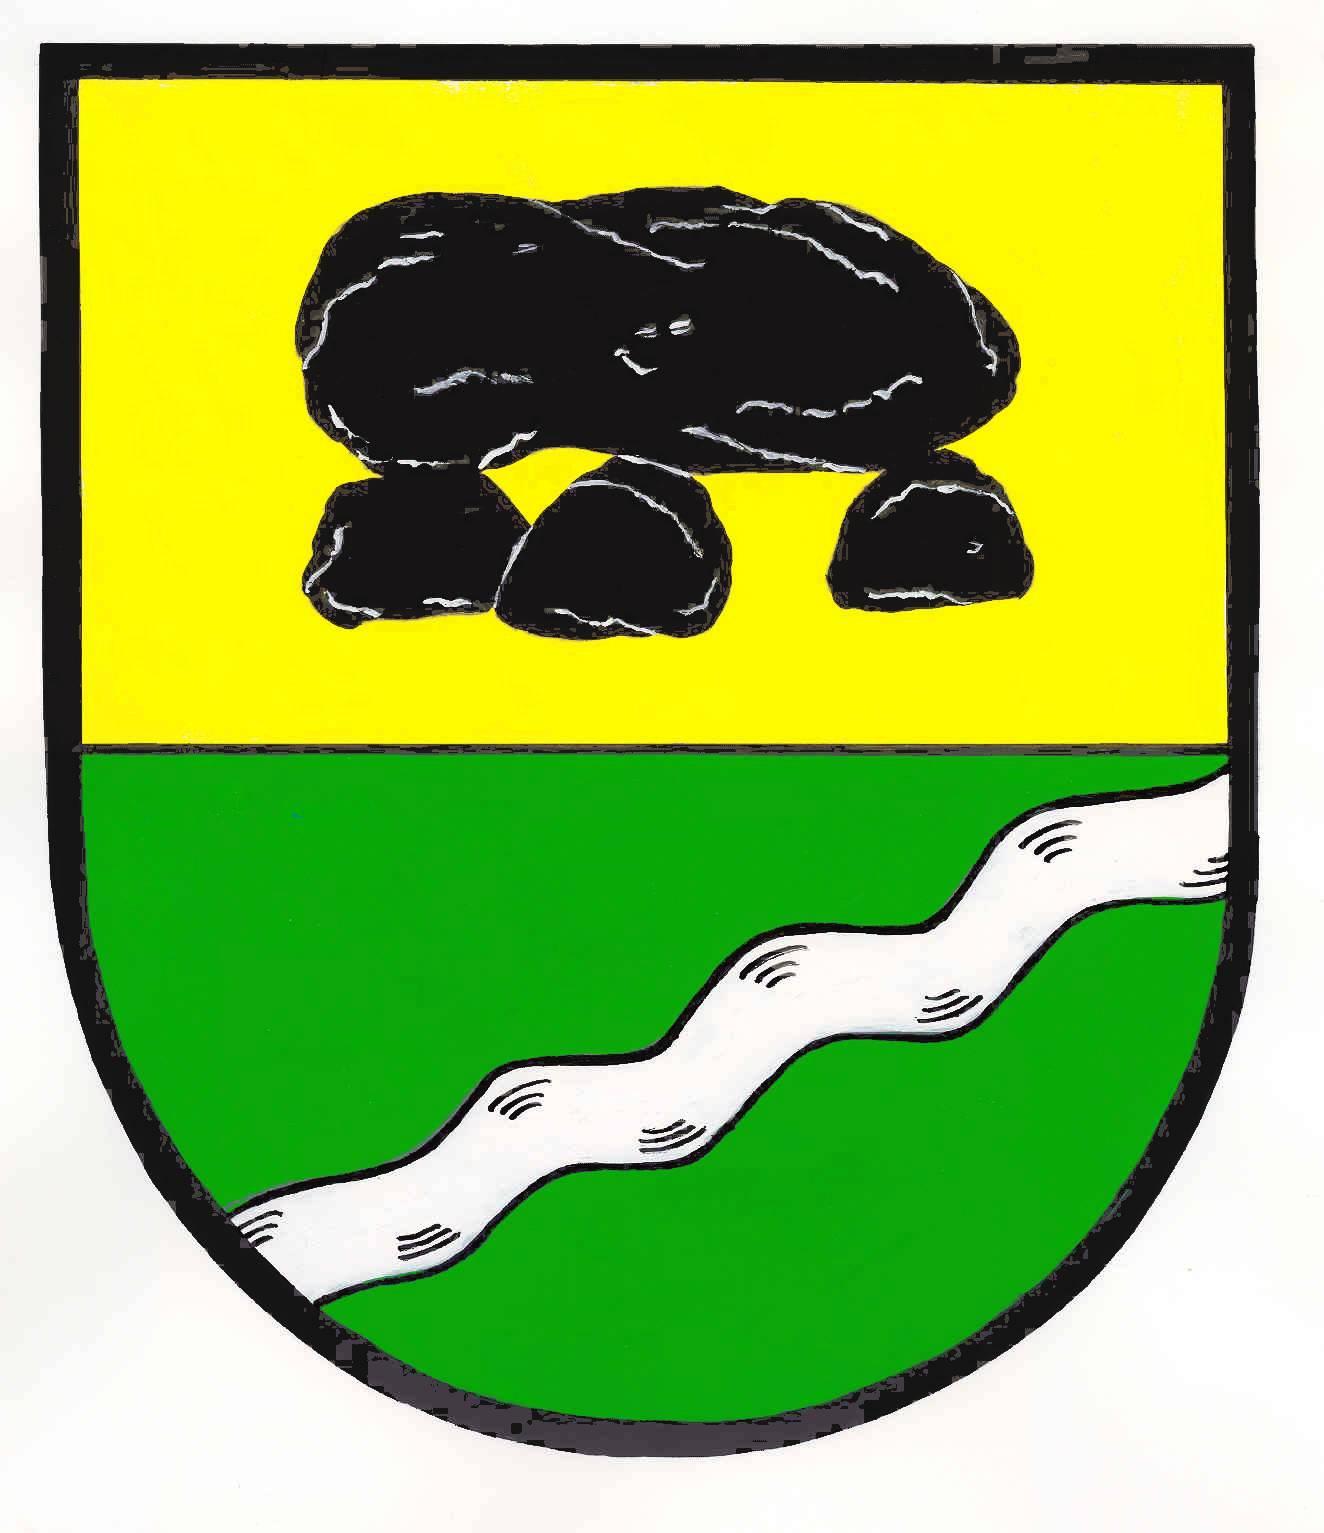 Wappen GemeindeOldersbek, Kreis Nordfriesland